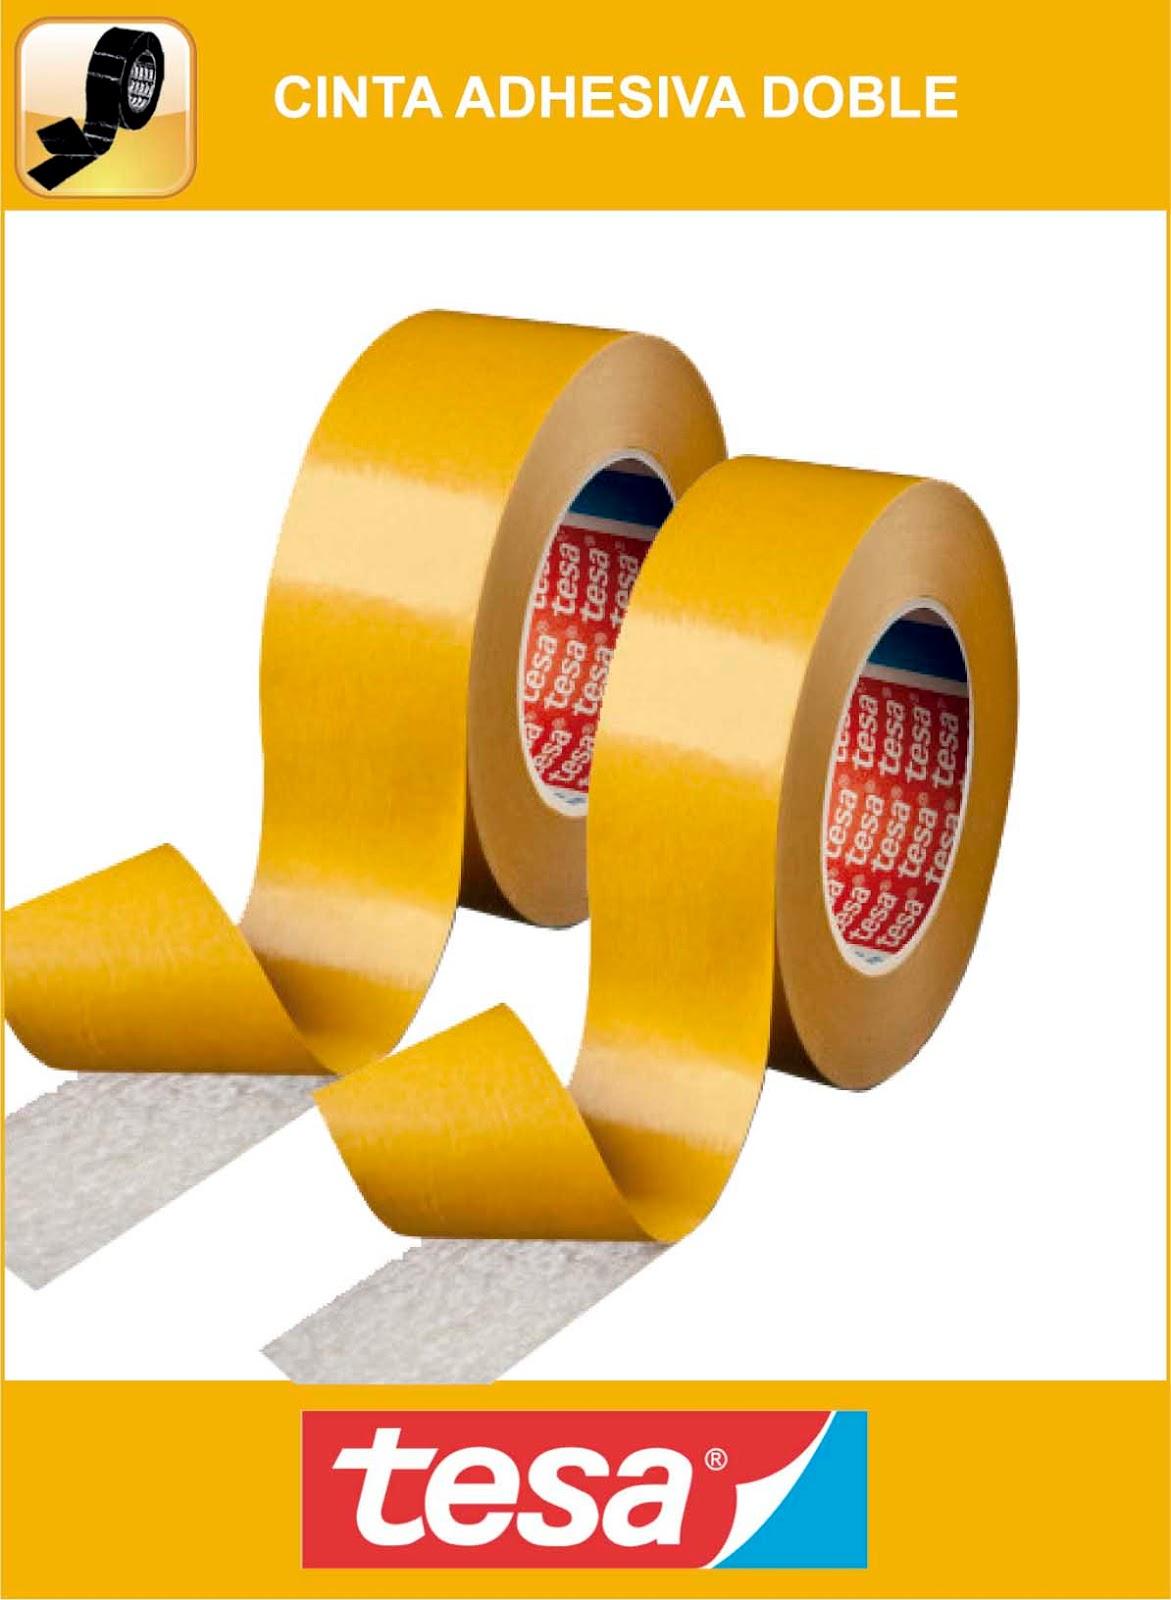 Siluj cintas adhesivas doble cara tesa 4559 - Cintas adhesivas doble cara ...